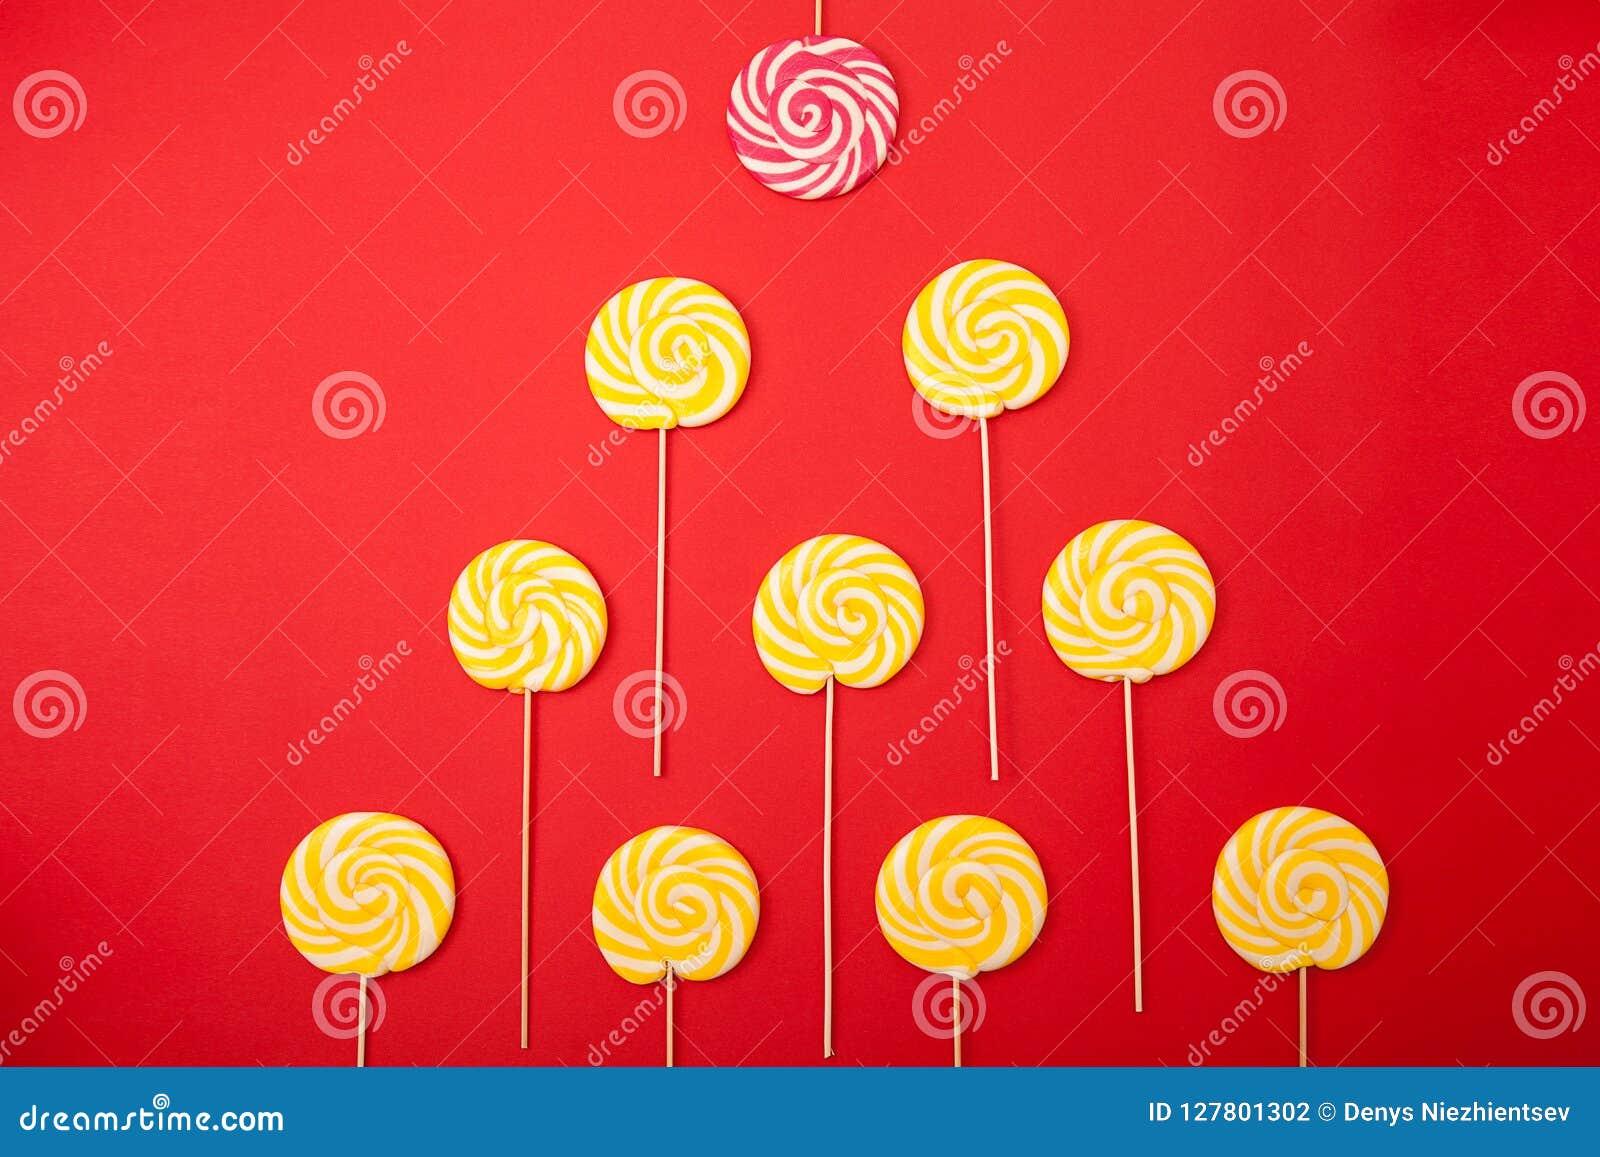 Słodki karmelu cukierek na czerwonym tle